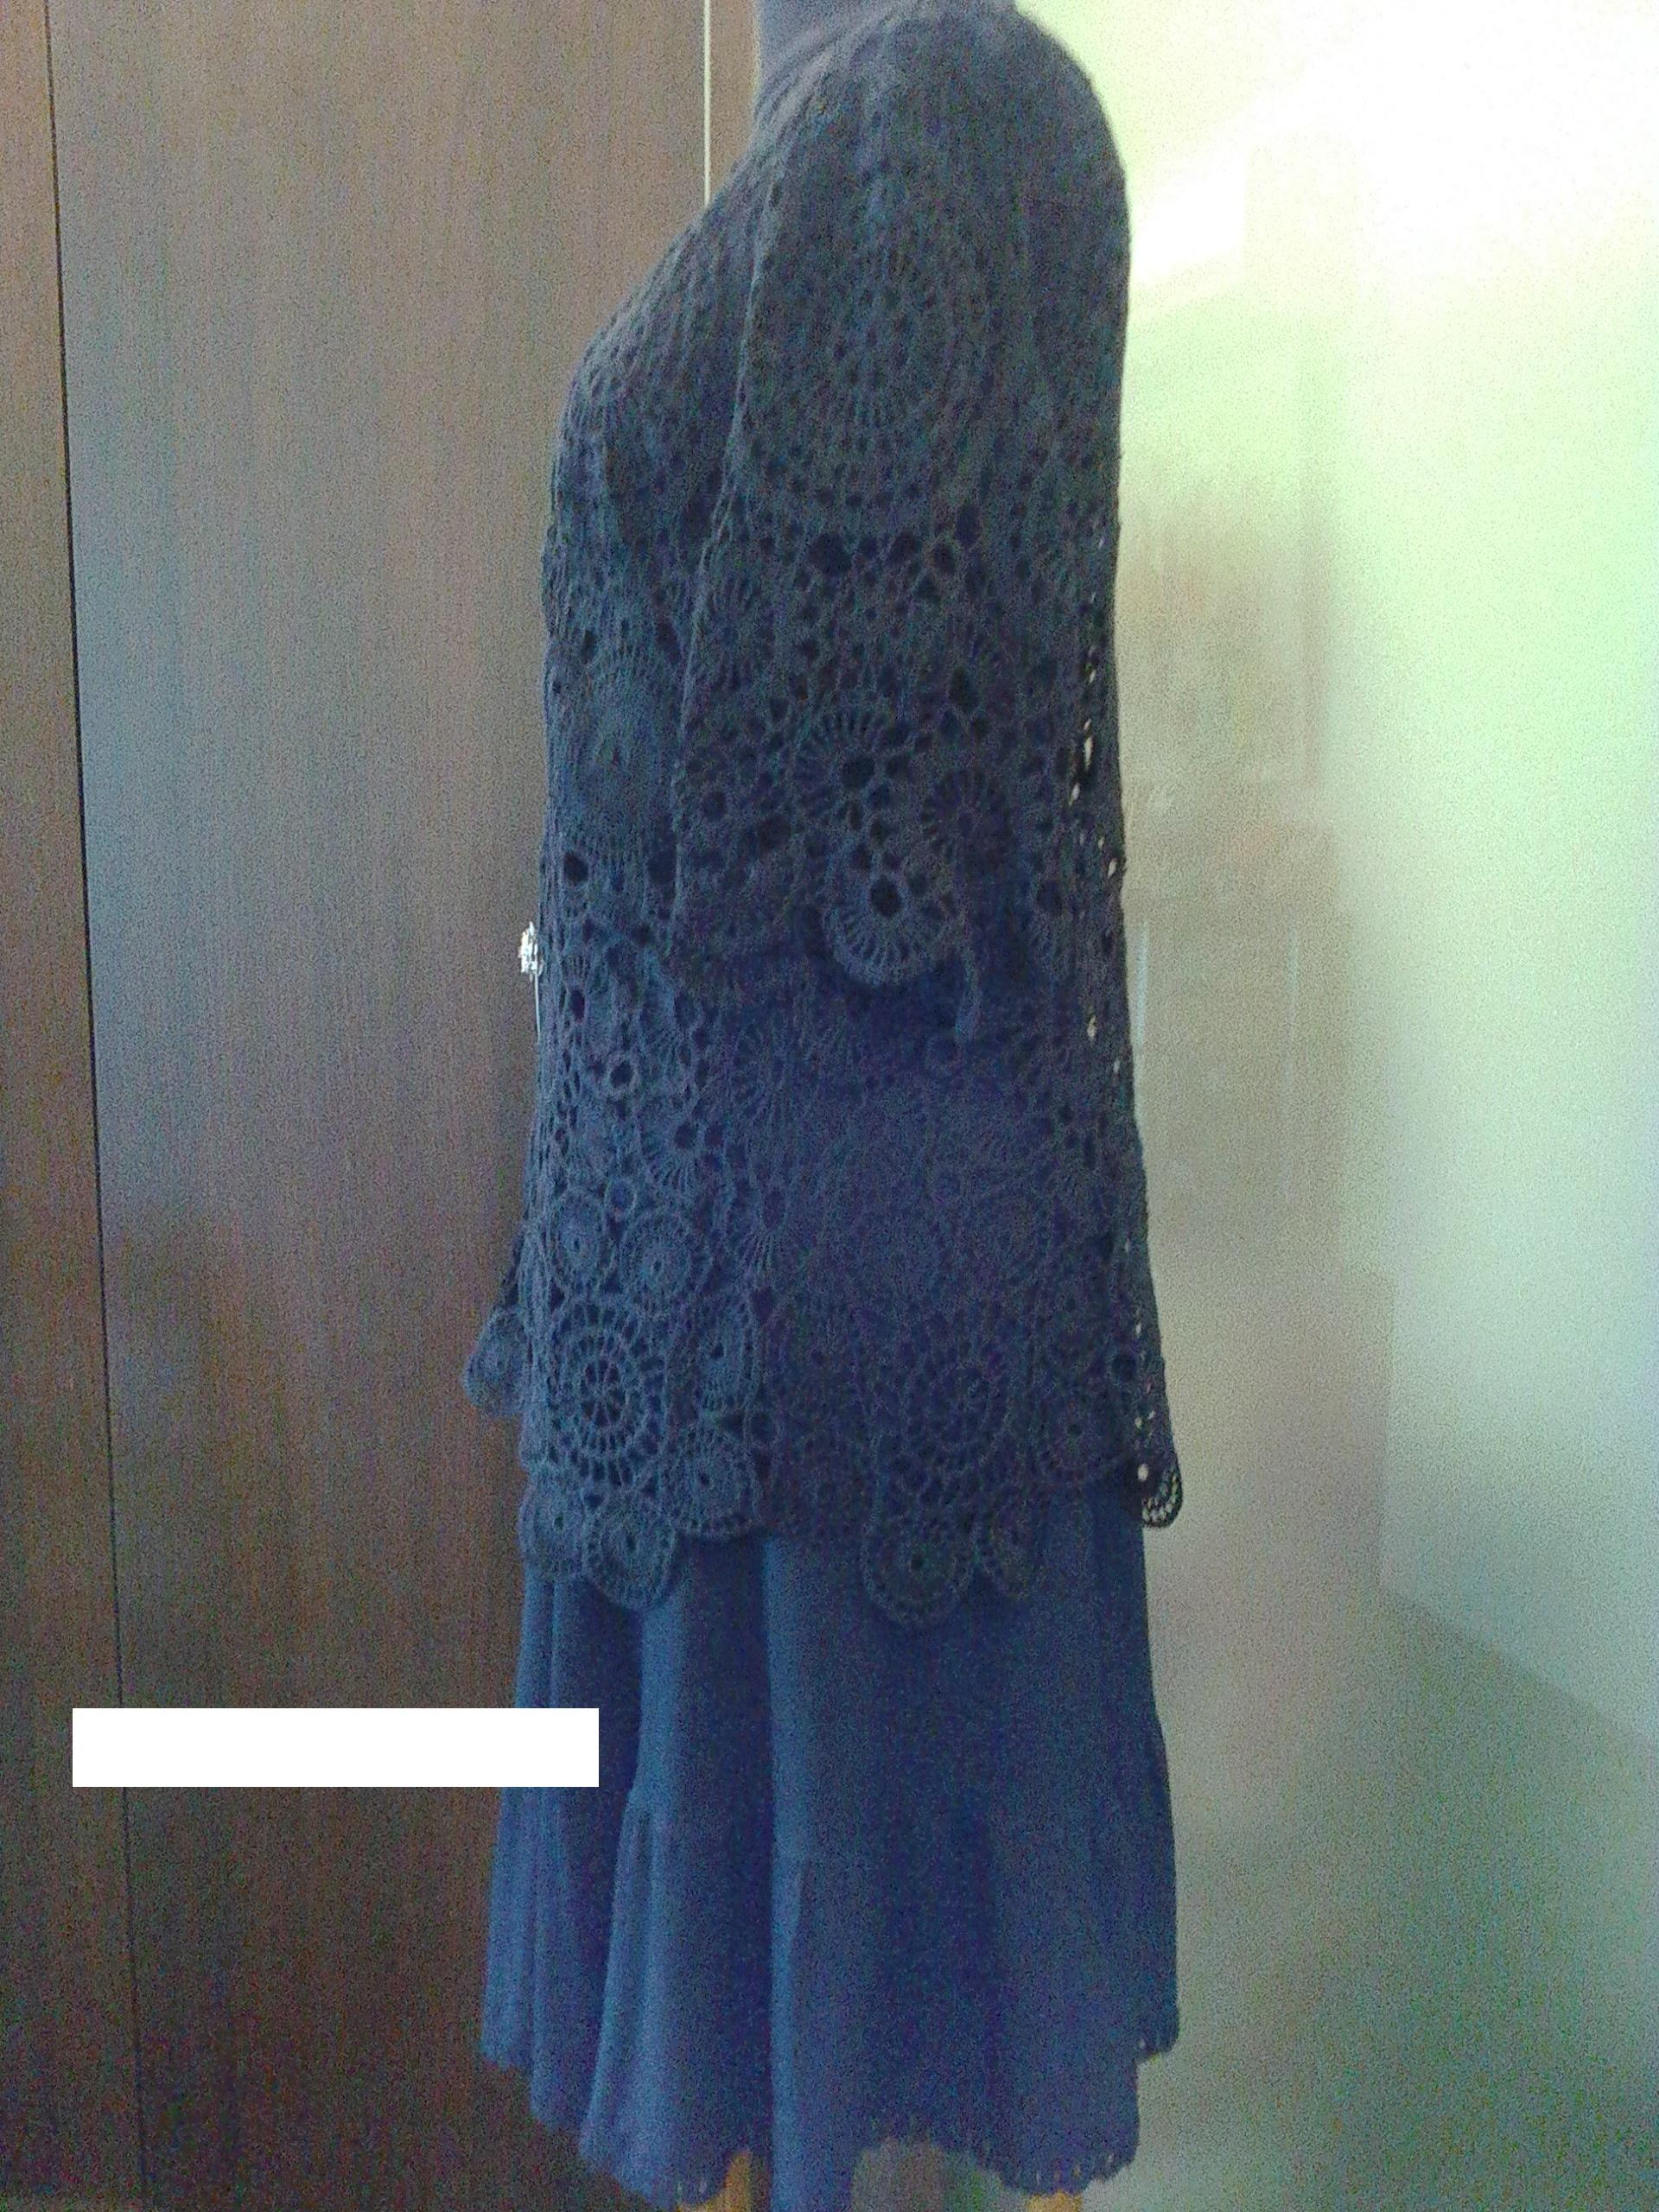 кружево вязание кофта оригинальная блуза жилет одежда юбка эксклюзивная кардиган винтаж